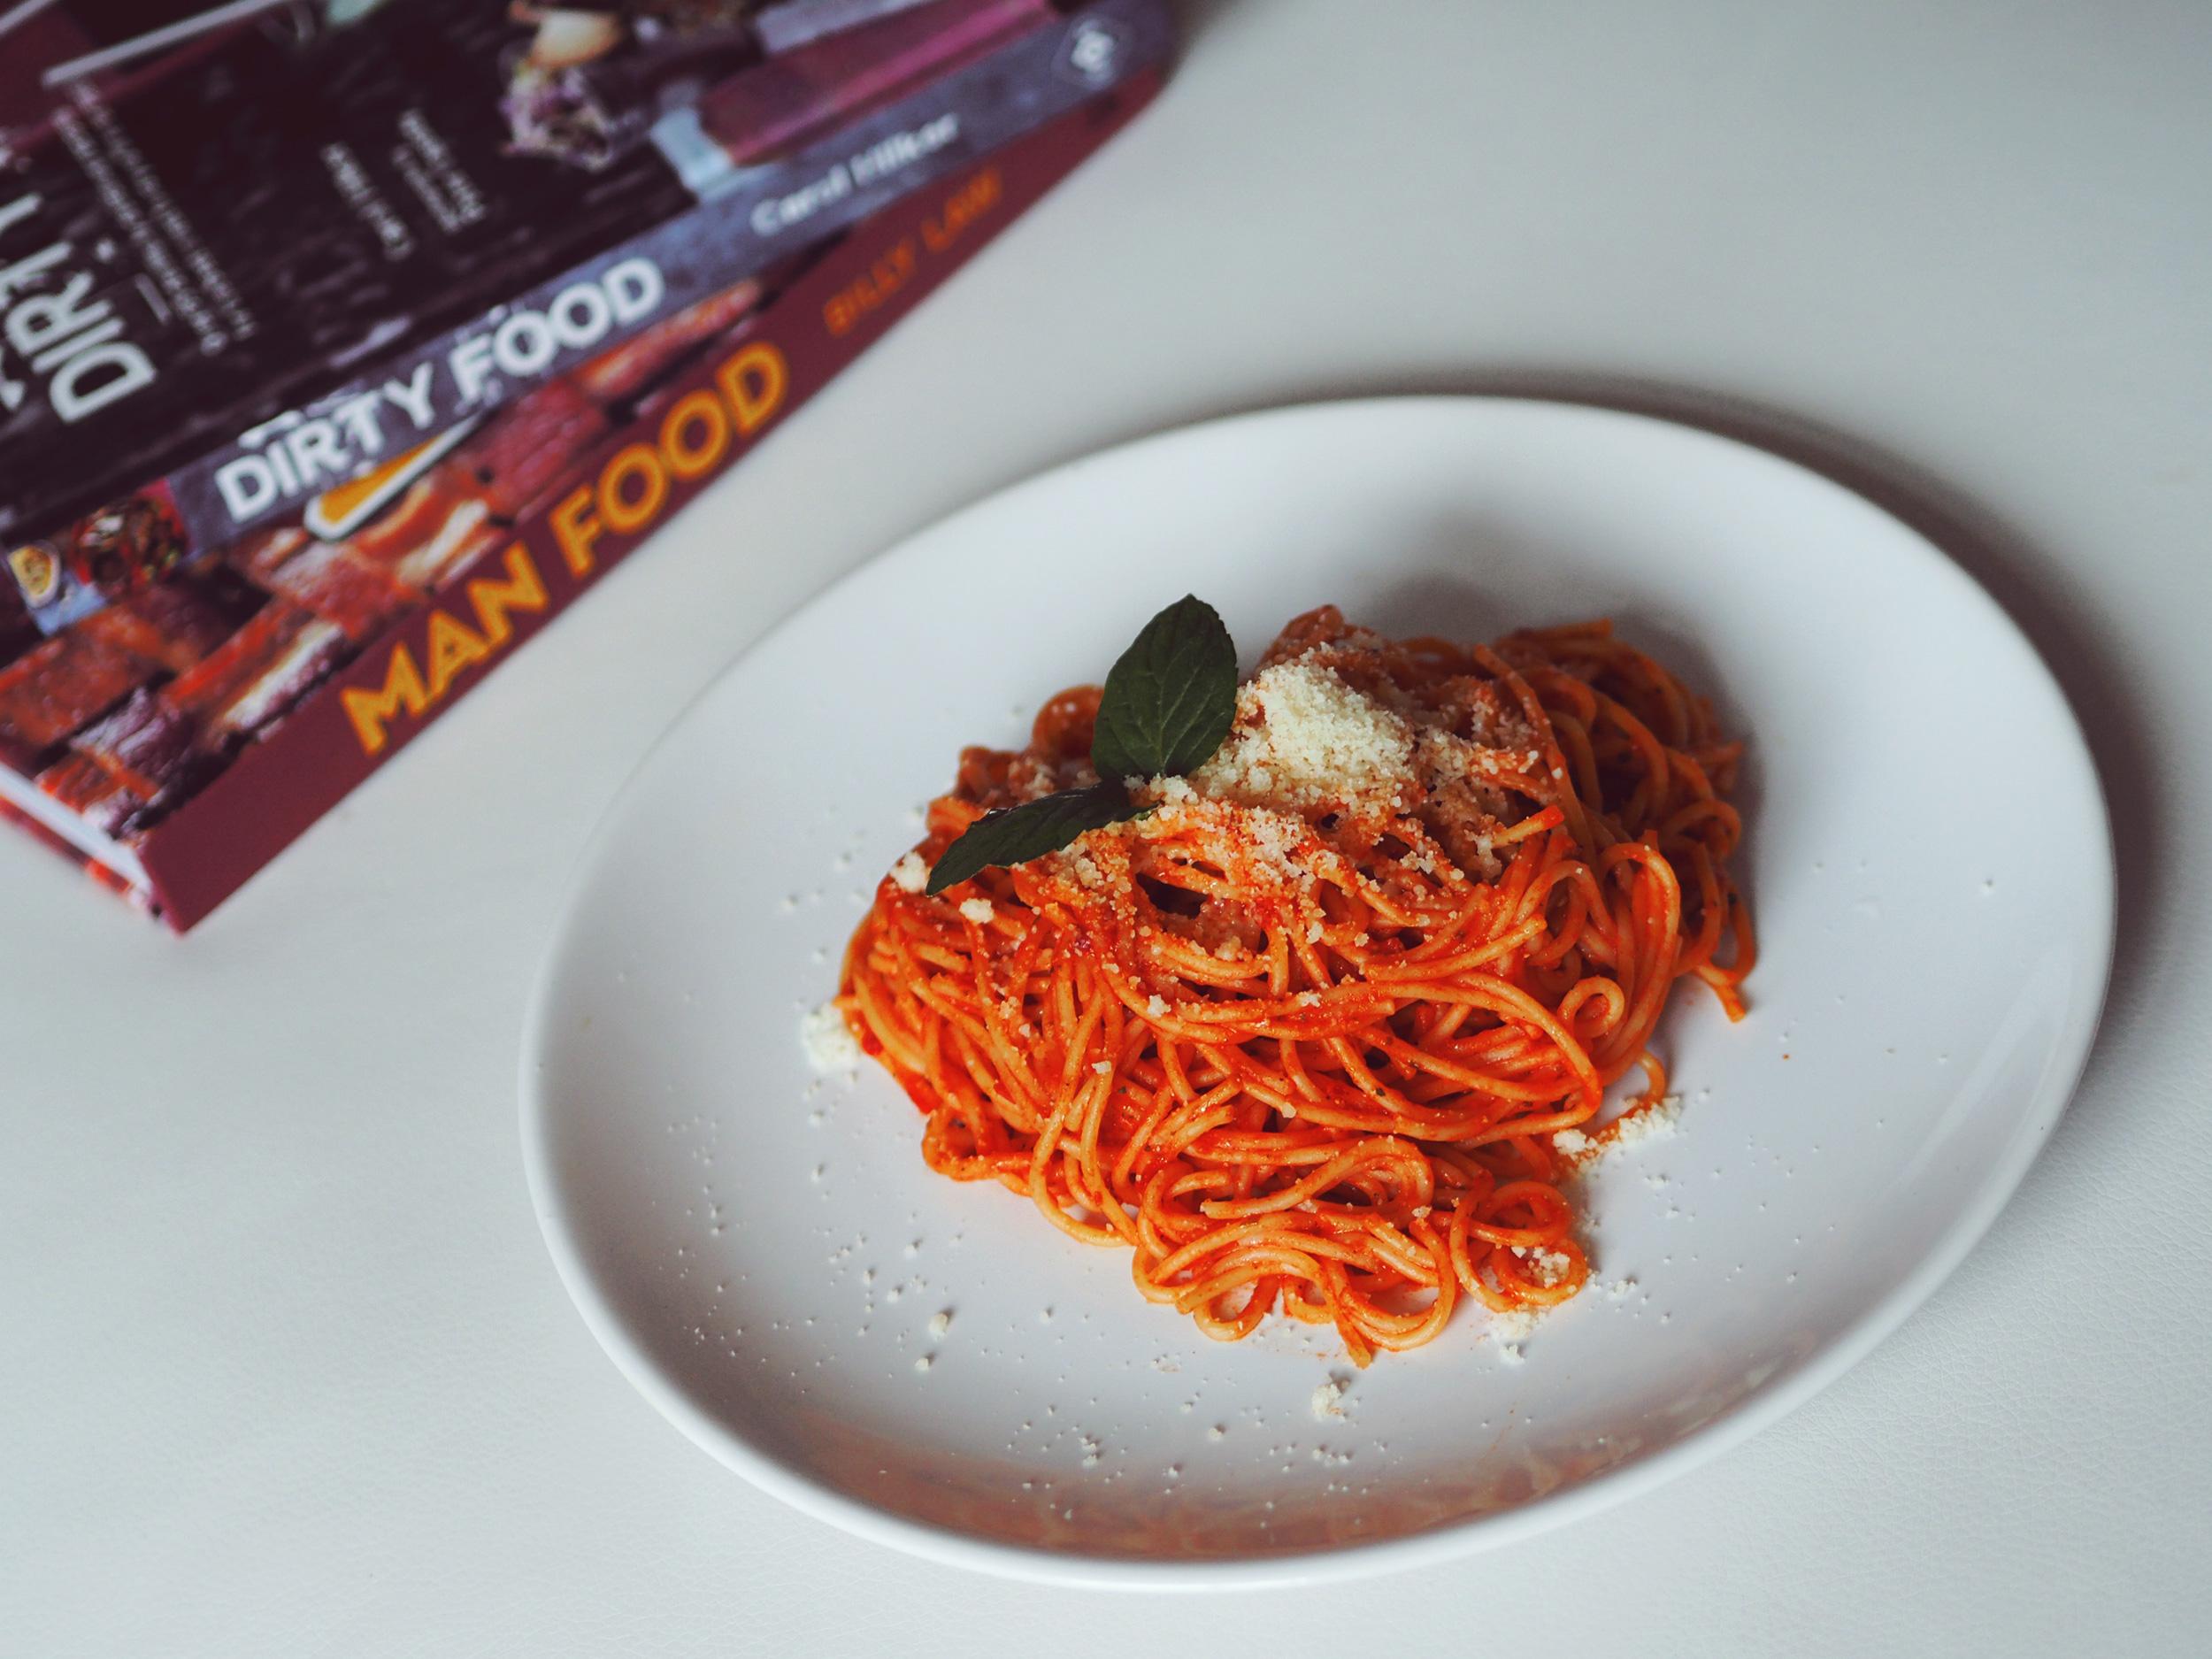 Recipe: Spaghetti with Pesto